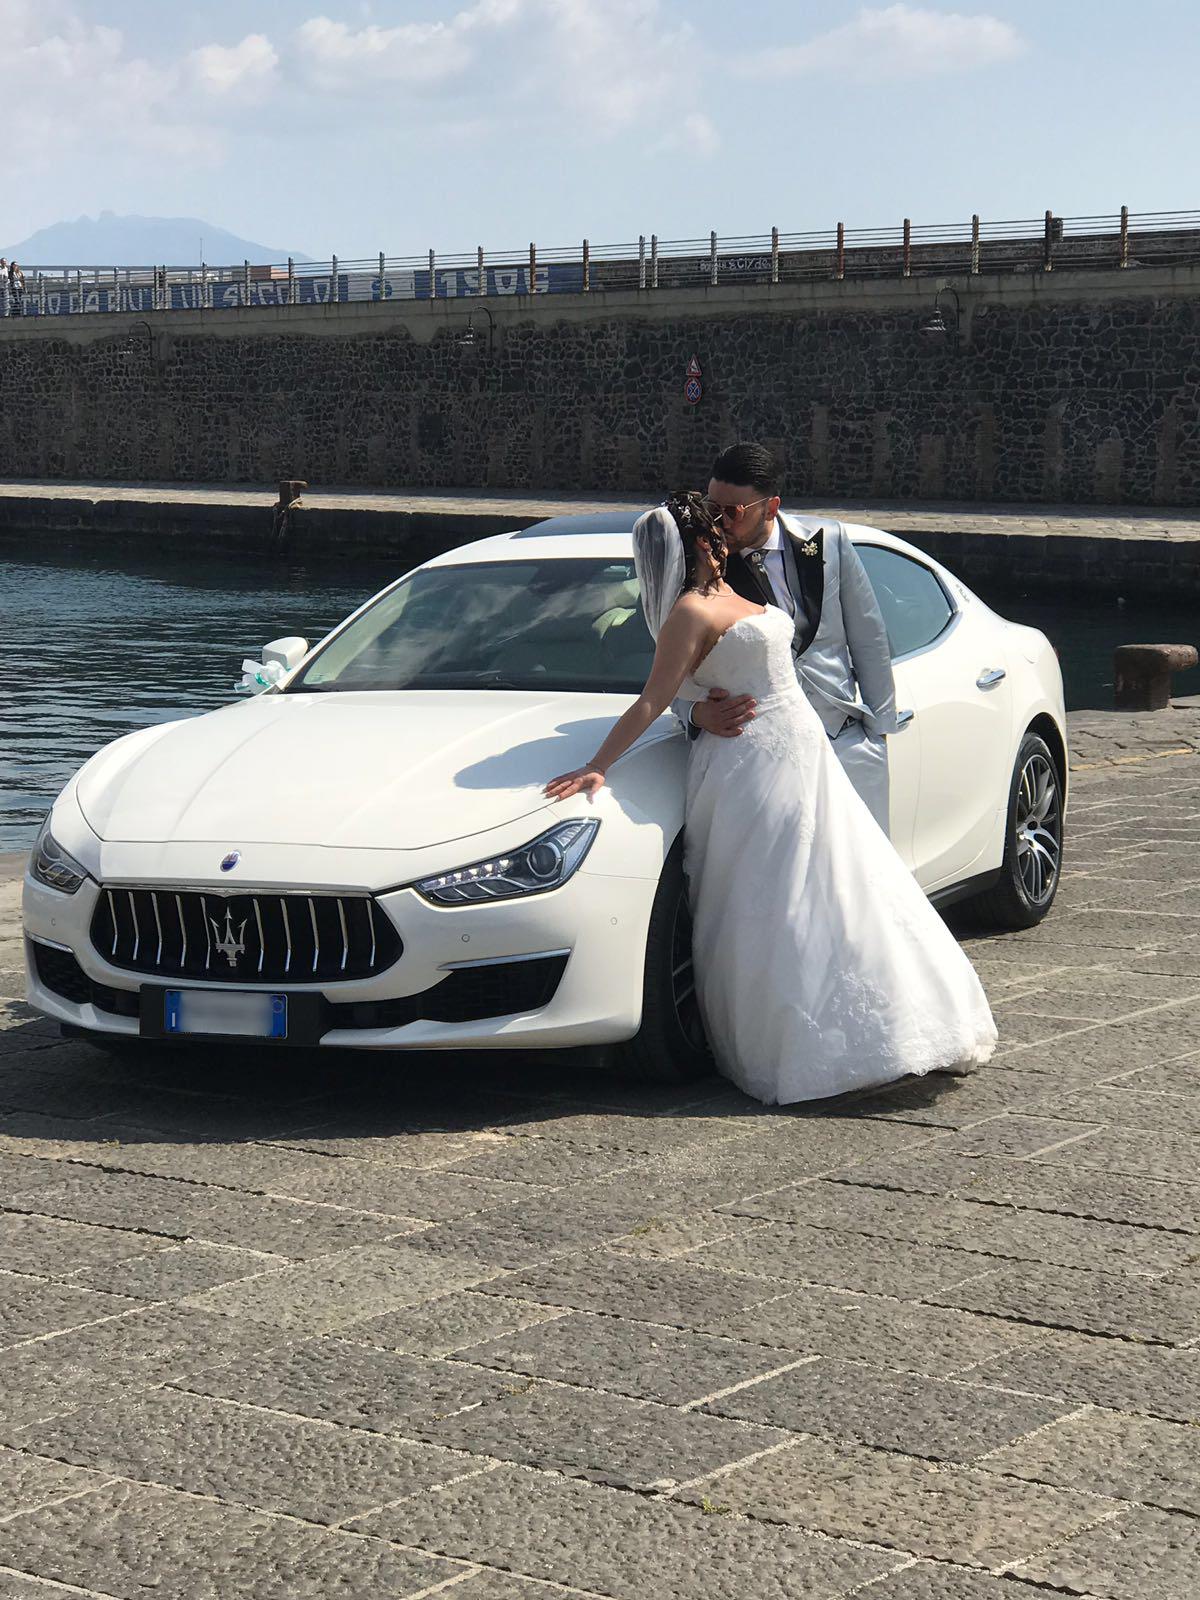 La magnifica Maserati Ghibli GRAN LUSSO che accompagna i magnifici sposi con delicatezza ed eleganza.